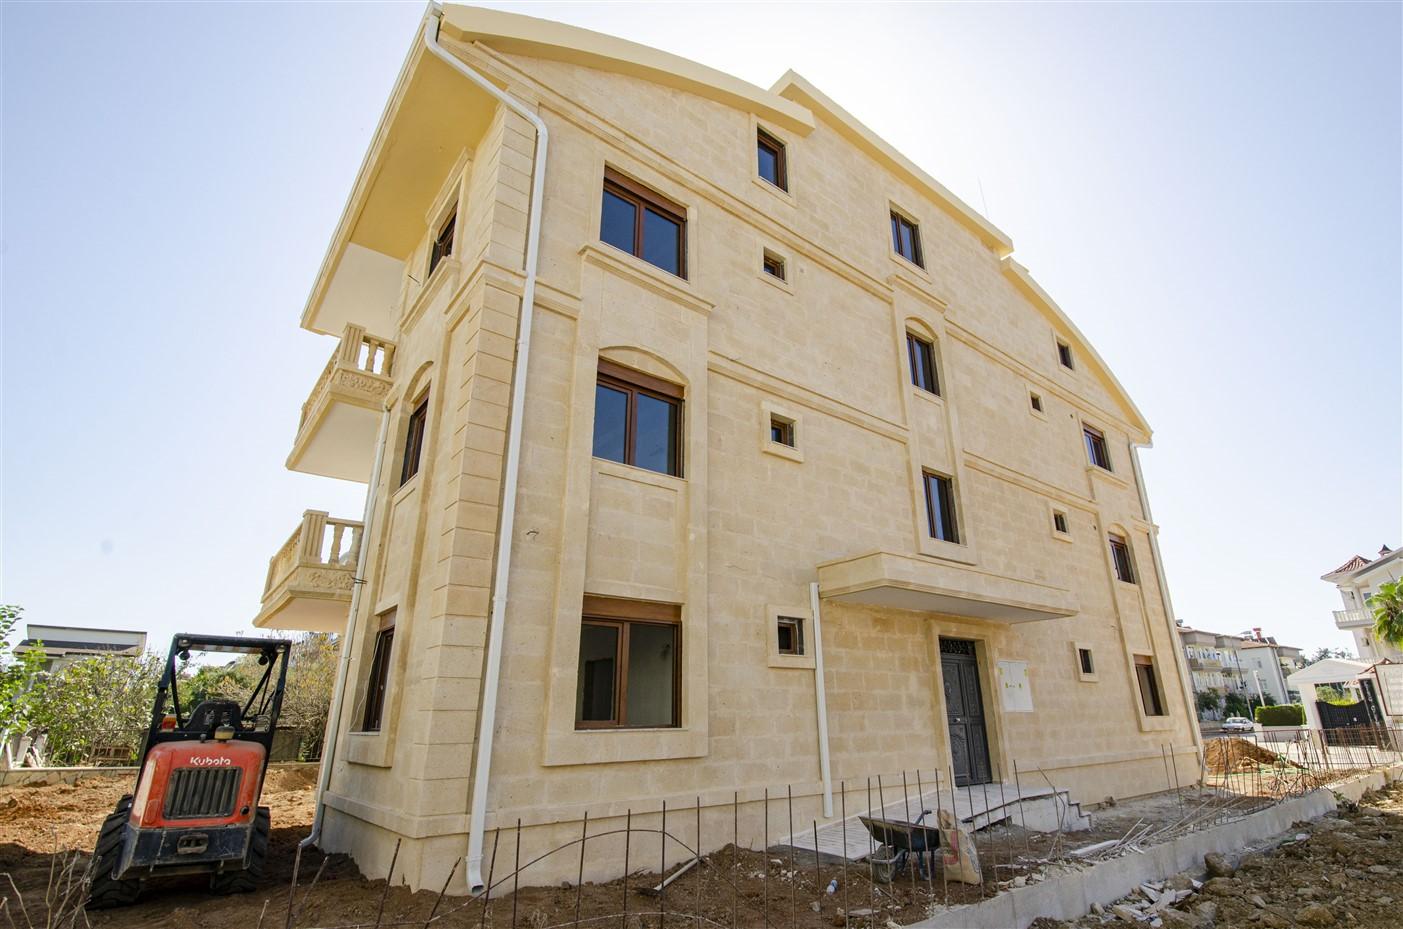 Квартиры 1+1, 2+1 и 3+1 в центре Белека Анталия - Фото 2